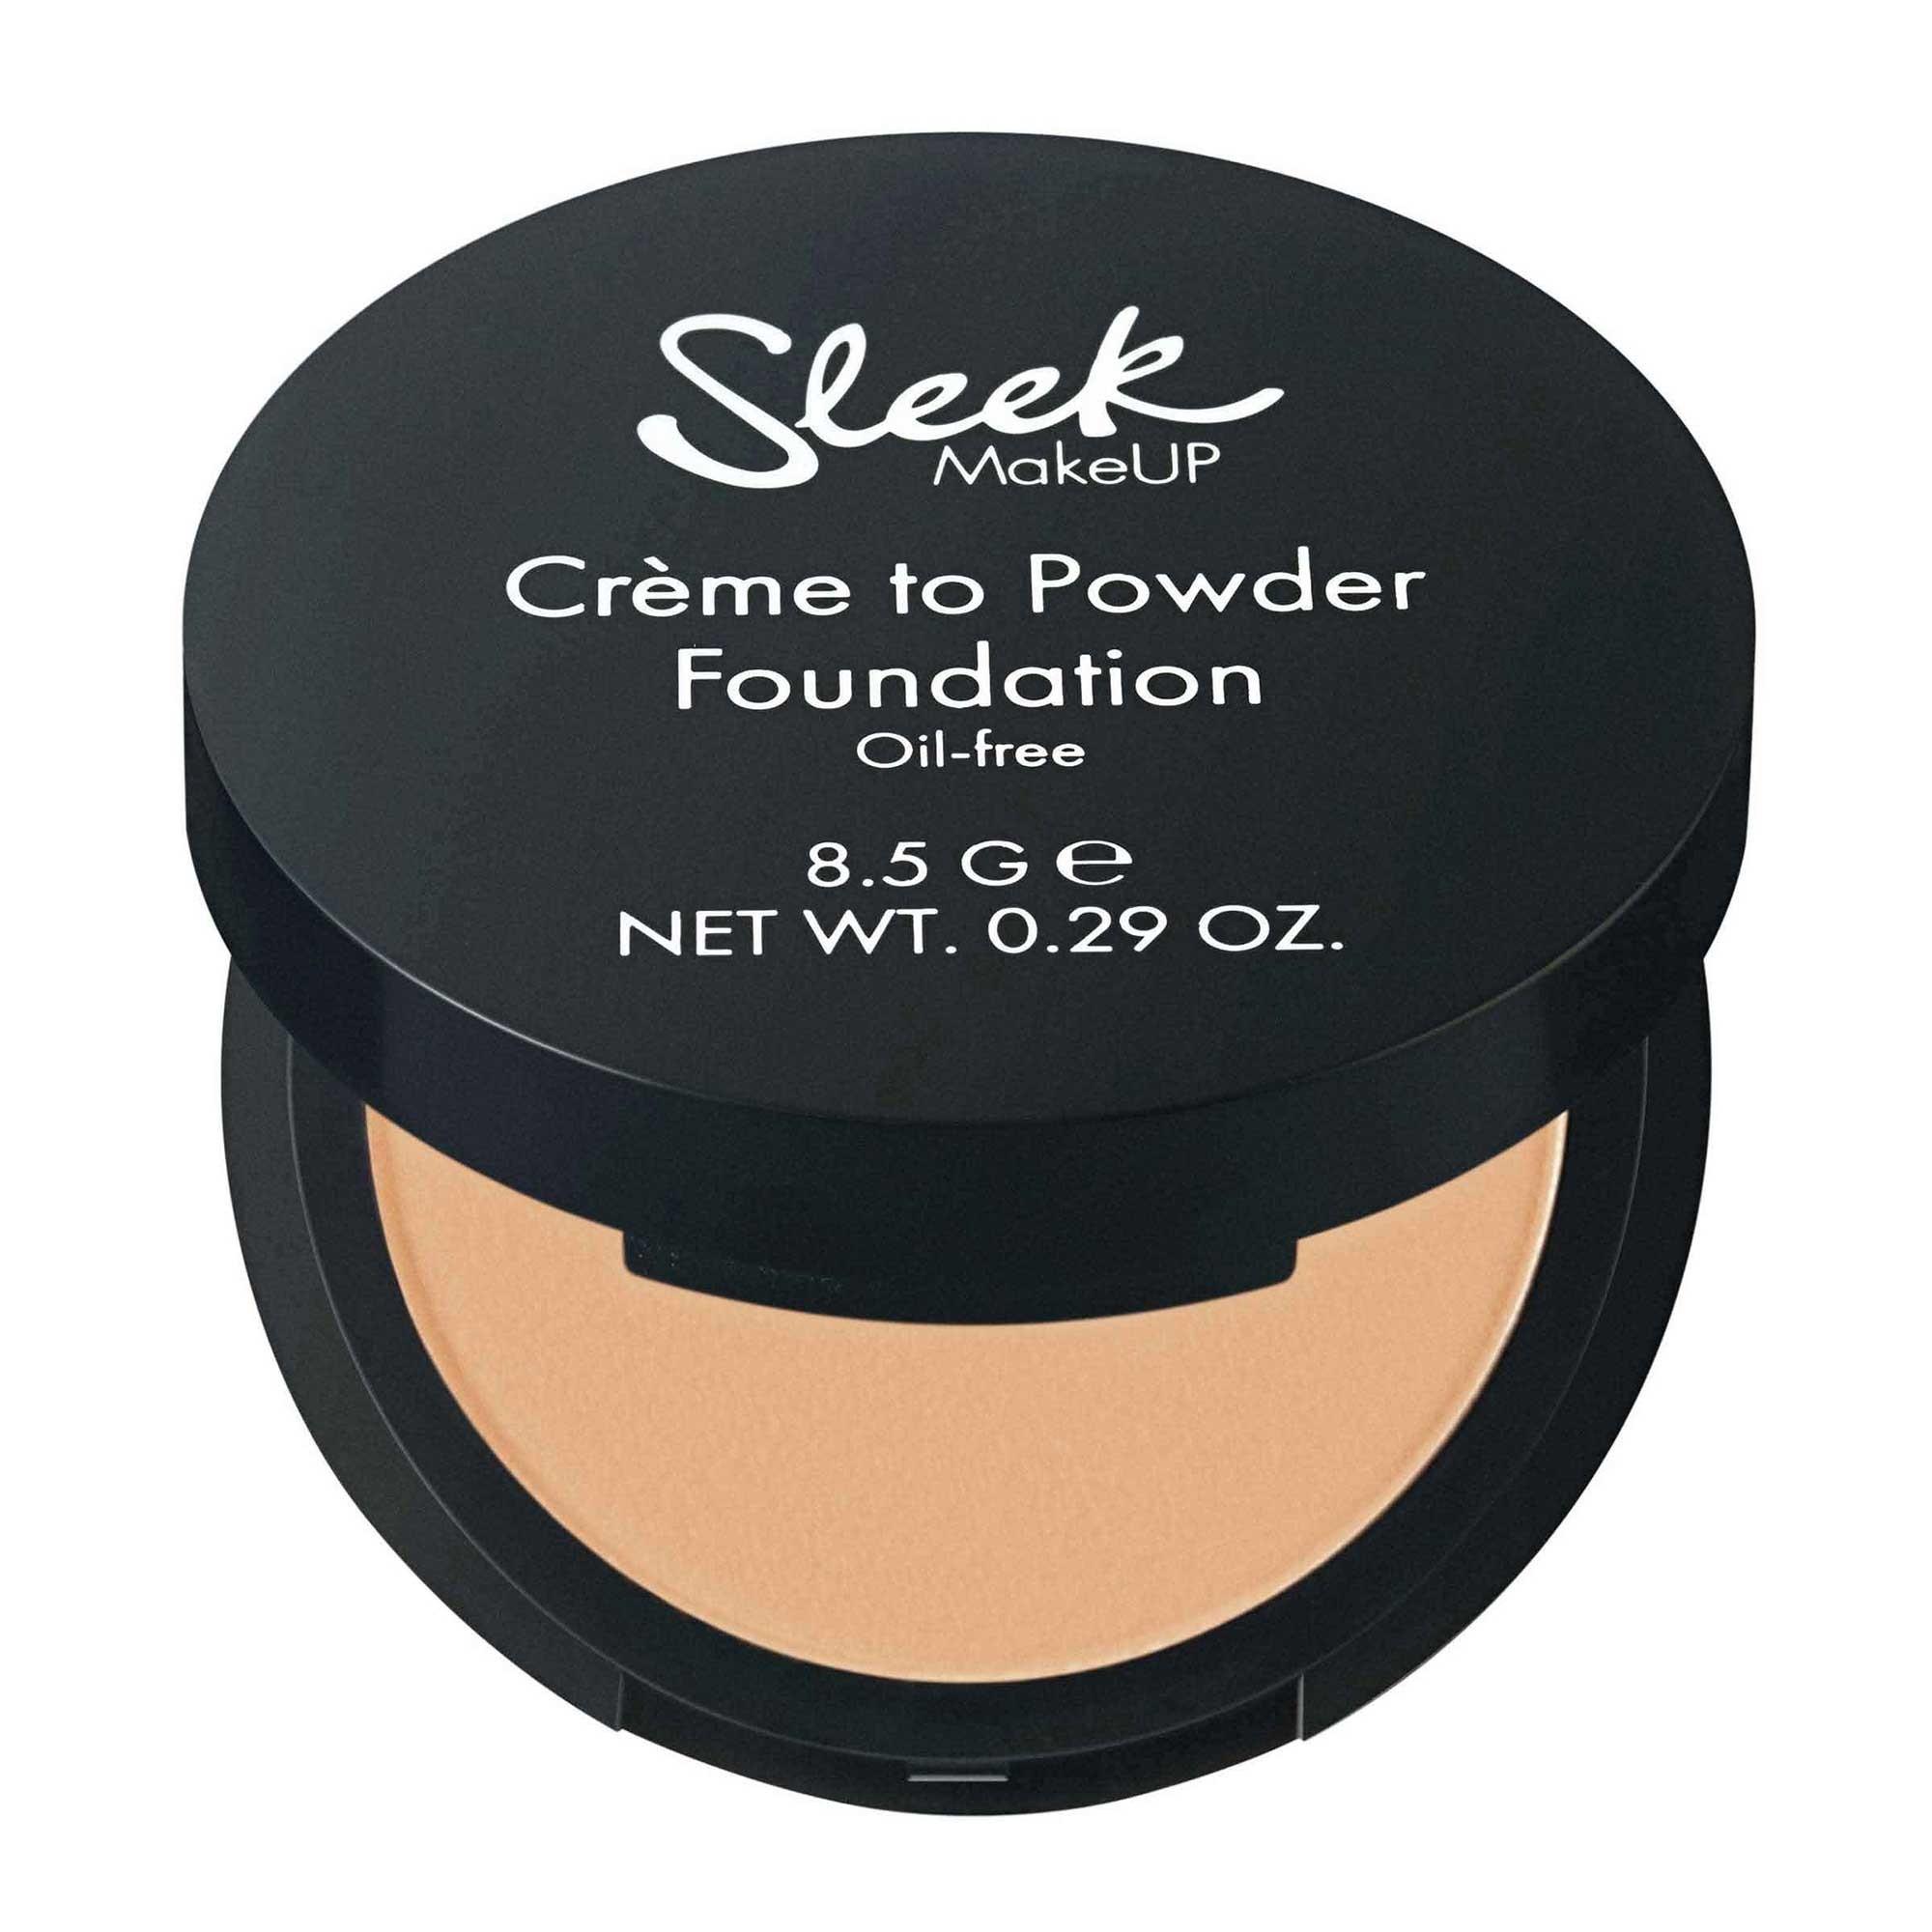 Sleek MakeUP Creme to Powder 8.5g Foundation C2P03 Barely